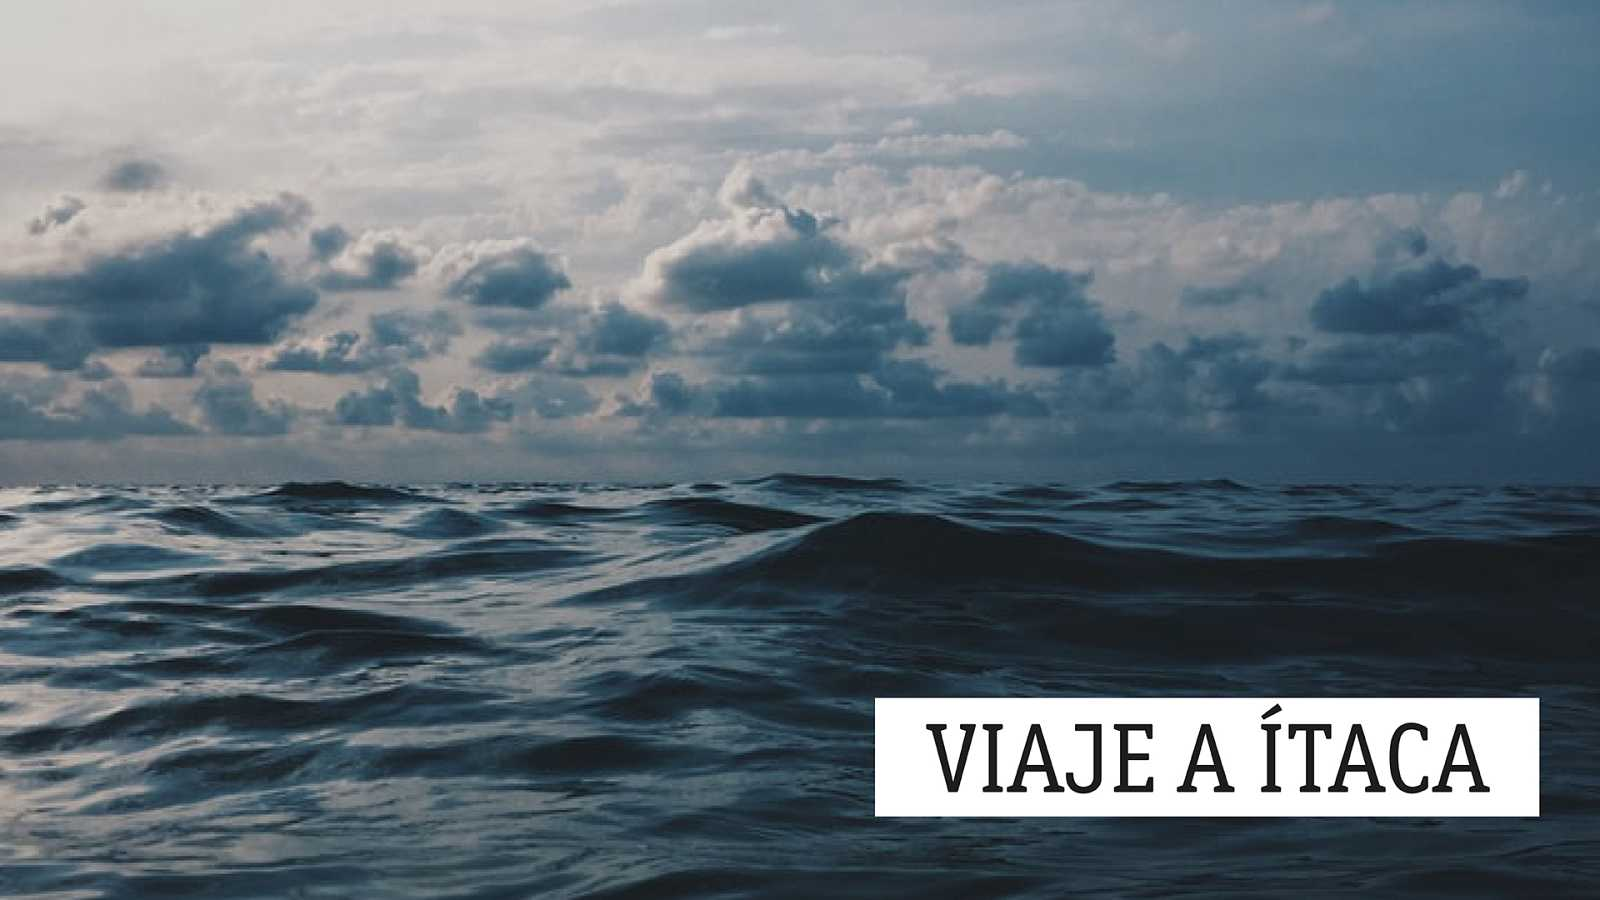 Viaje a Ítaca - Viaje a: La Navidaz, con zeta - 19/12/20 - escuchar ahora